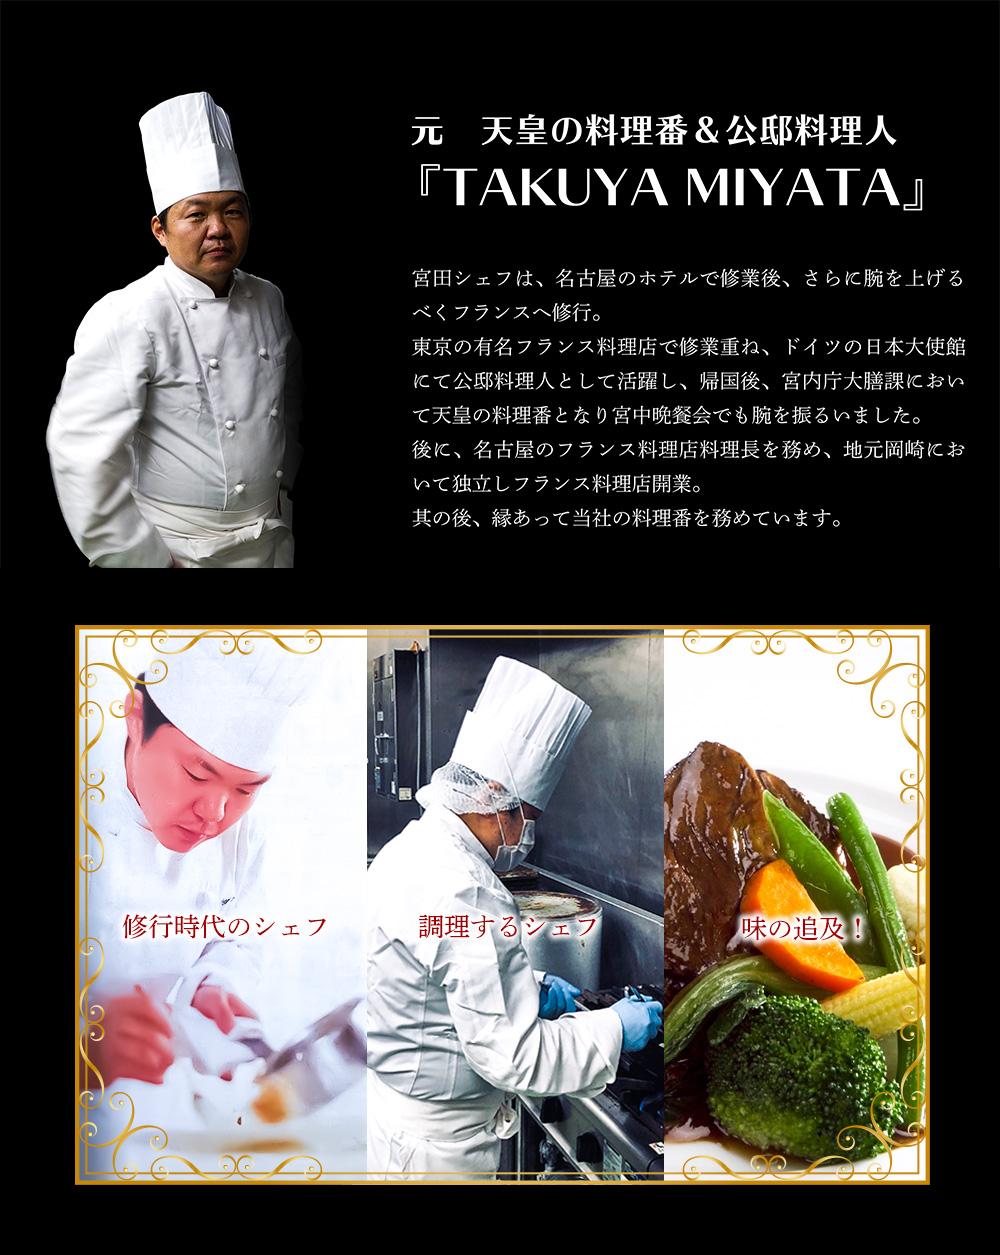 【冷凍配送】宮田シェフの国産鶏モモ肉フルーツカレー 200g [ お家でカレー/カレーライス/通販/お取り寄せ ]